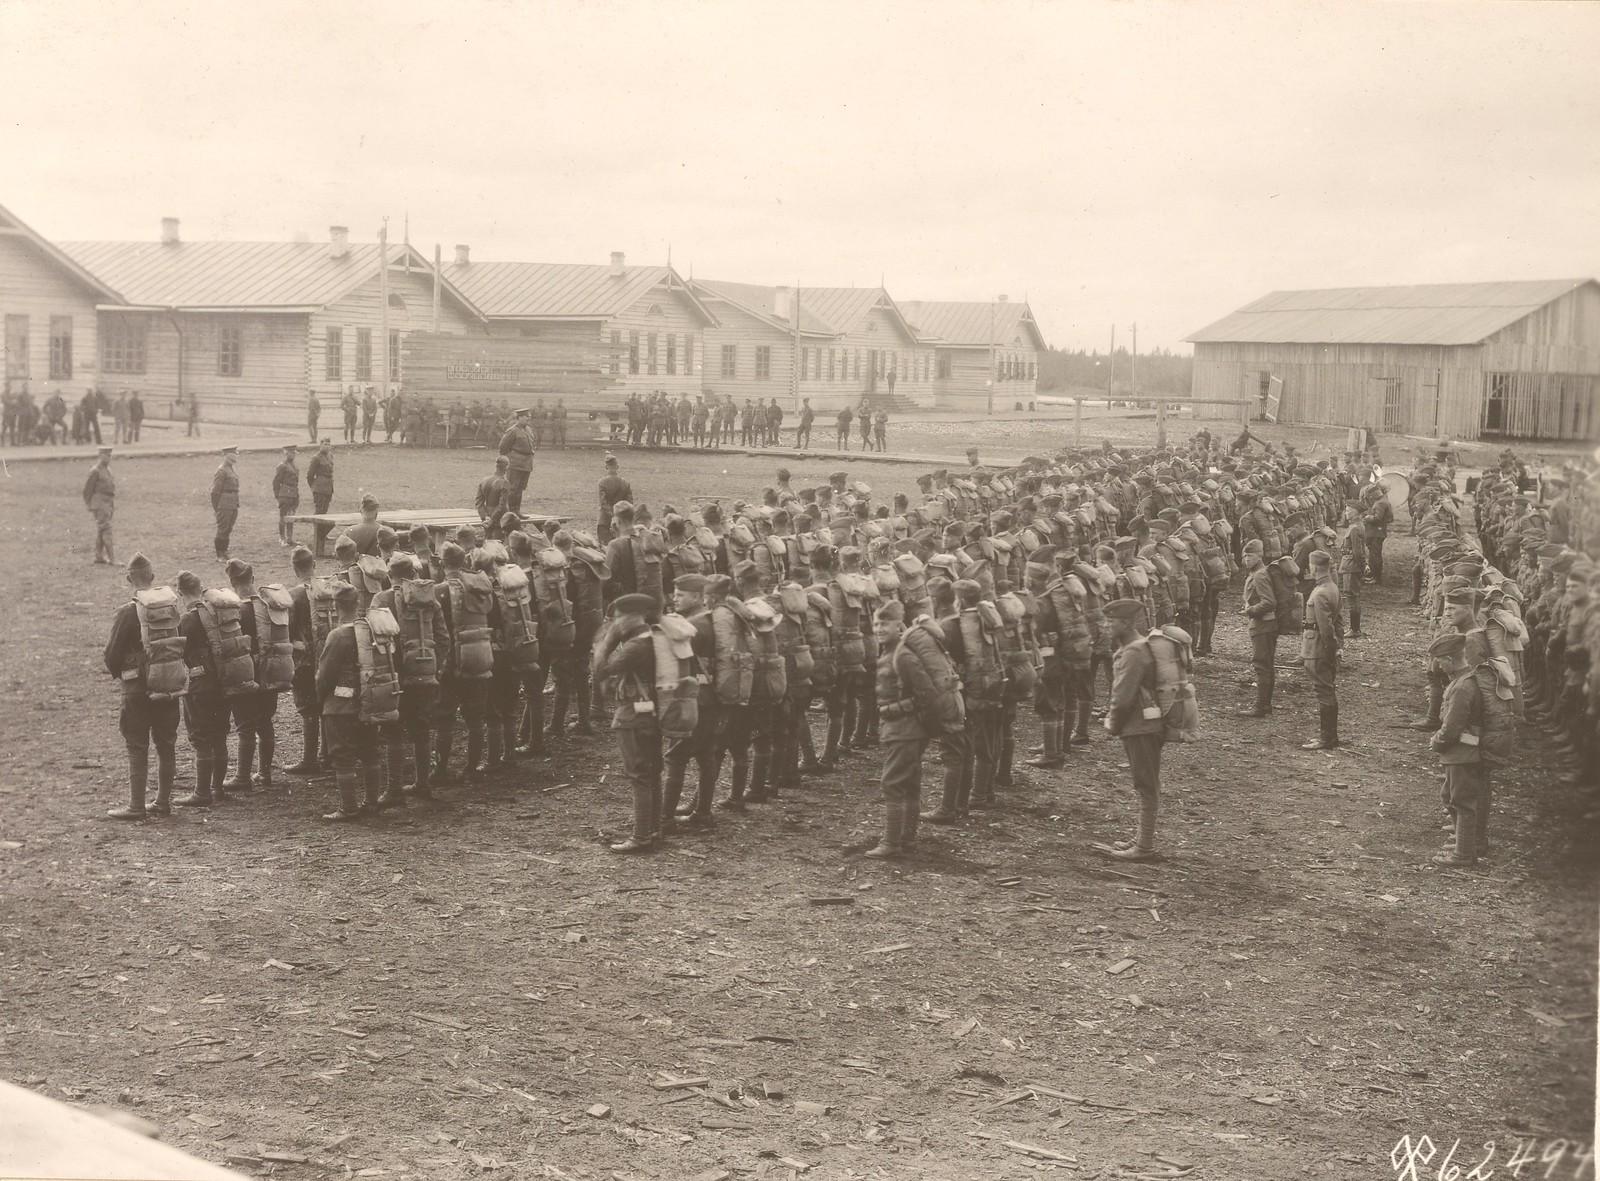 Командующий войсками американской экспедиции генерал Ричардсон обращается к солдатам 339-го пехотного полка в день их отправки из Архангельска в Брест